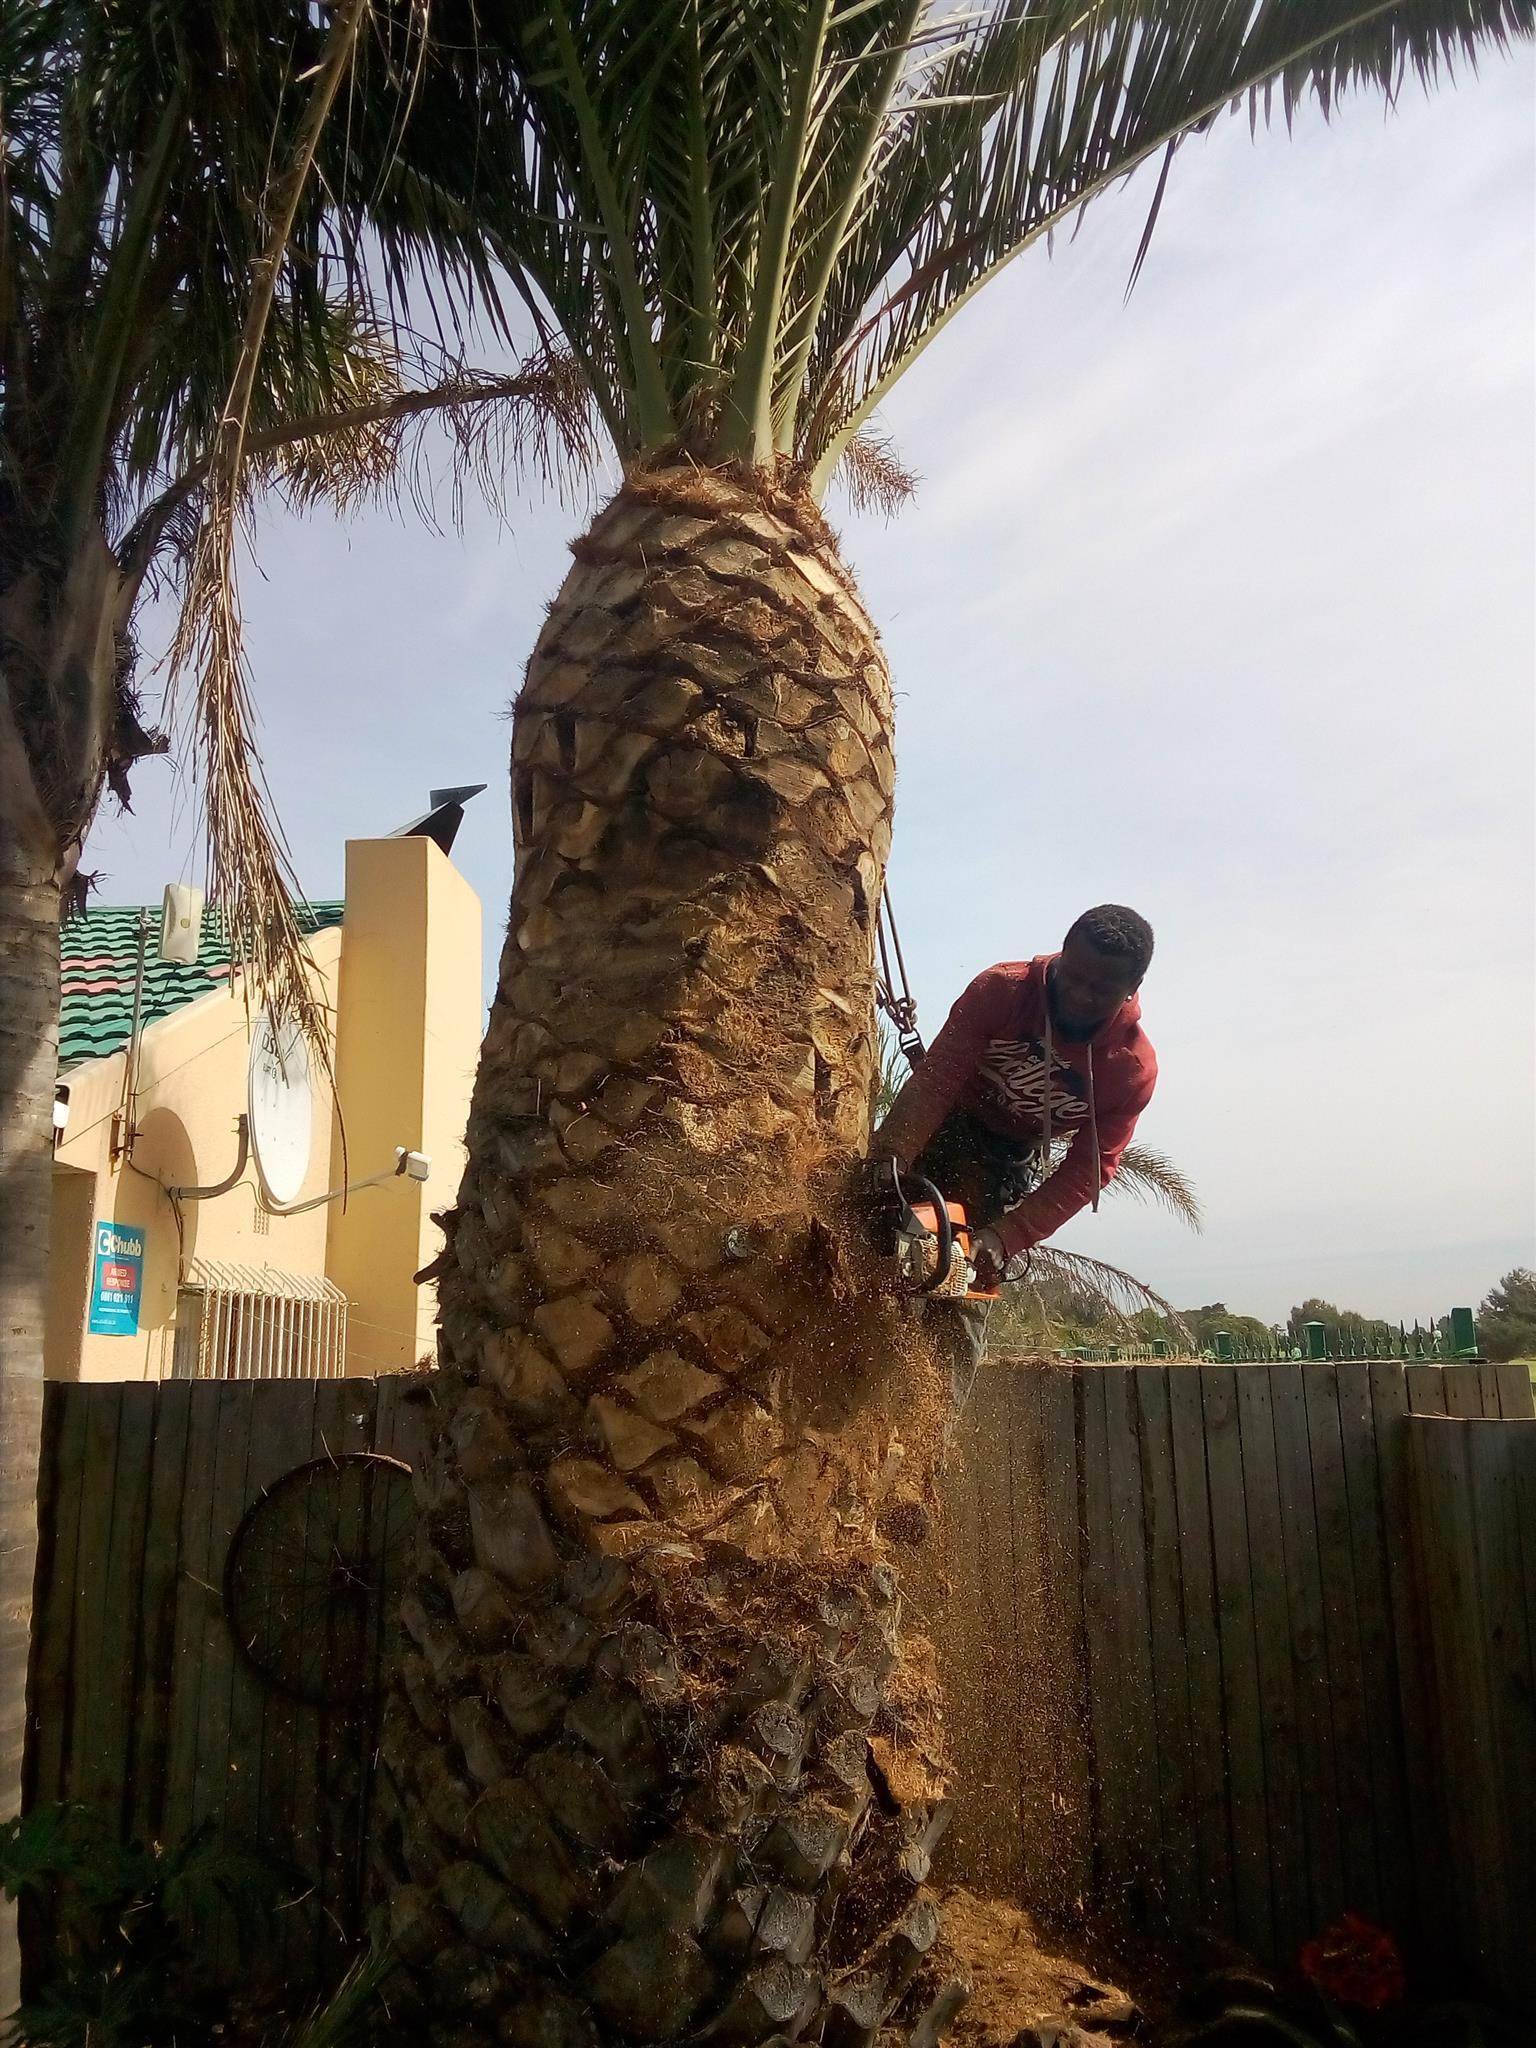 Monkey fam tree felling